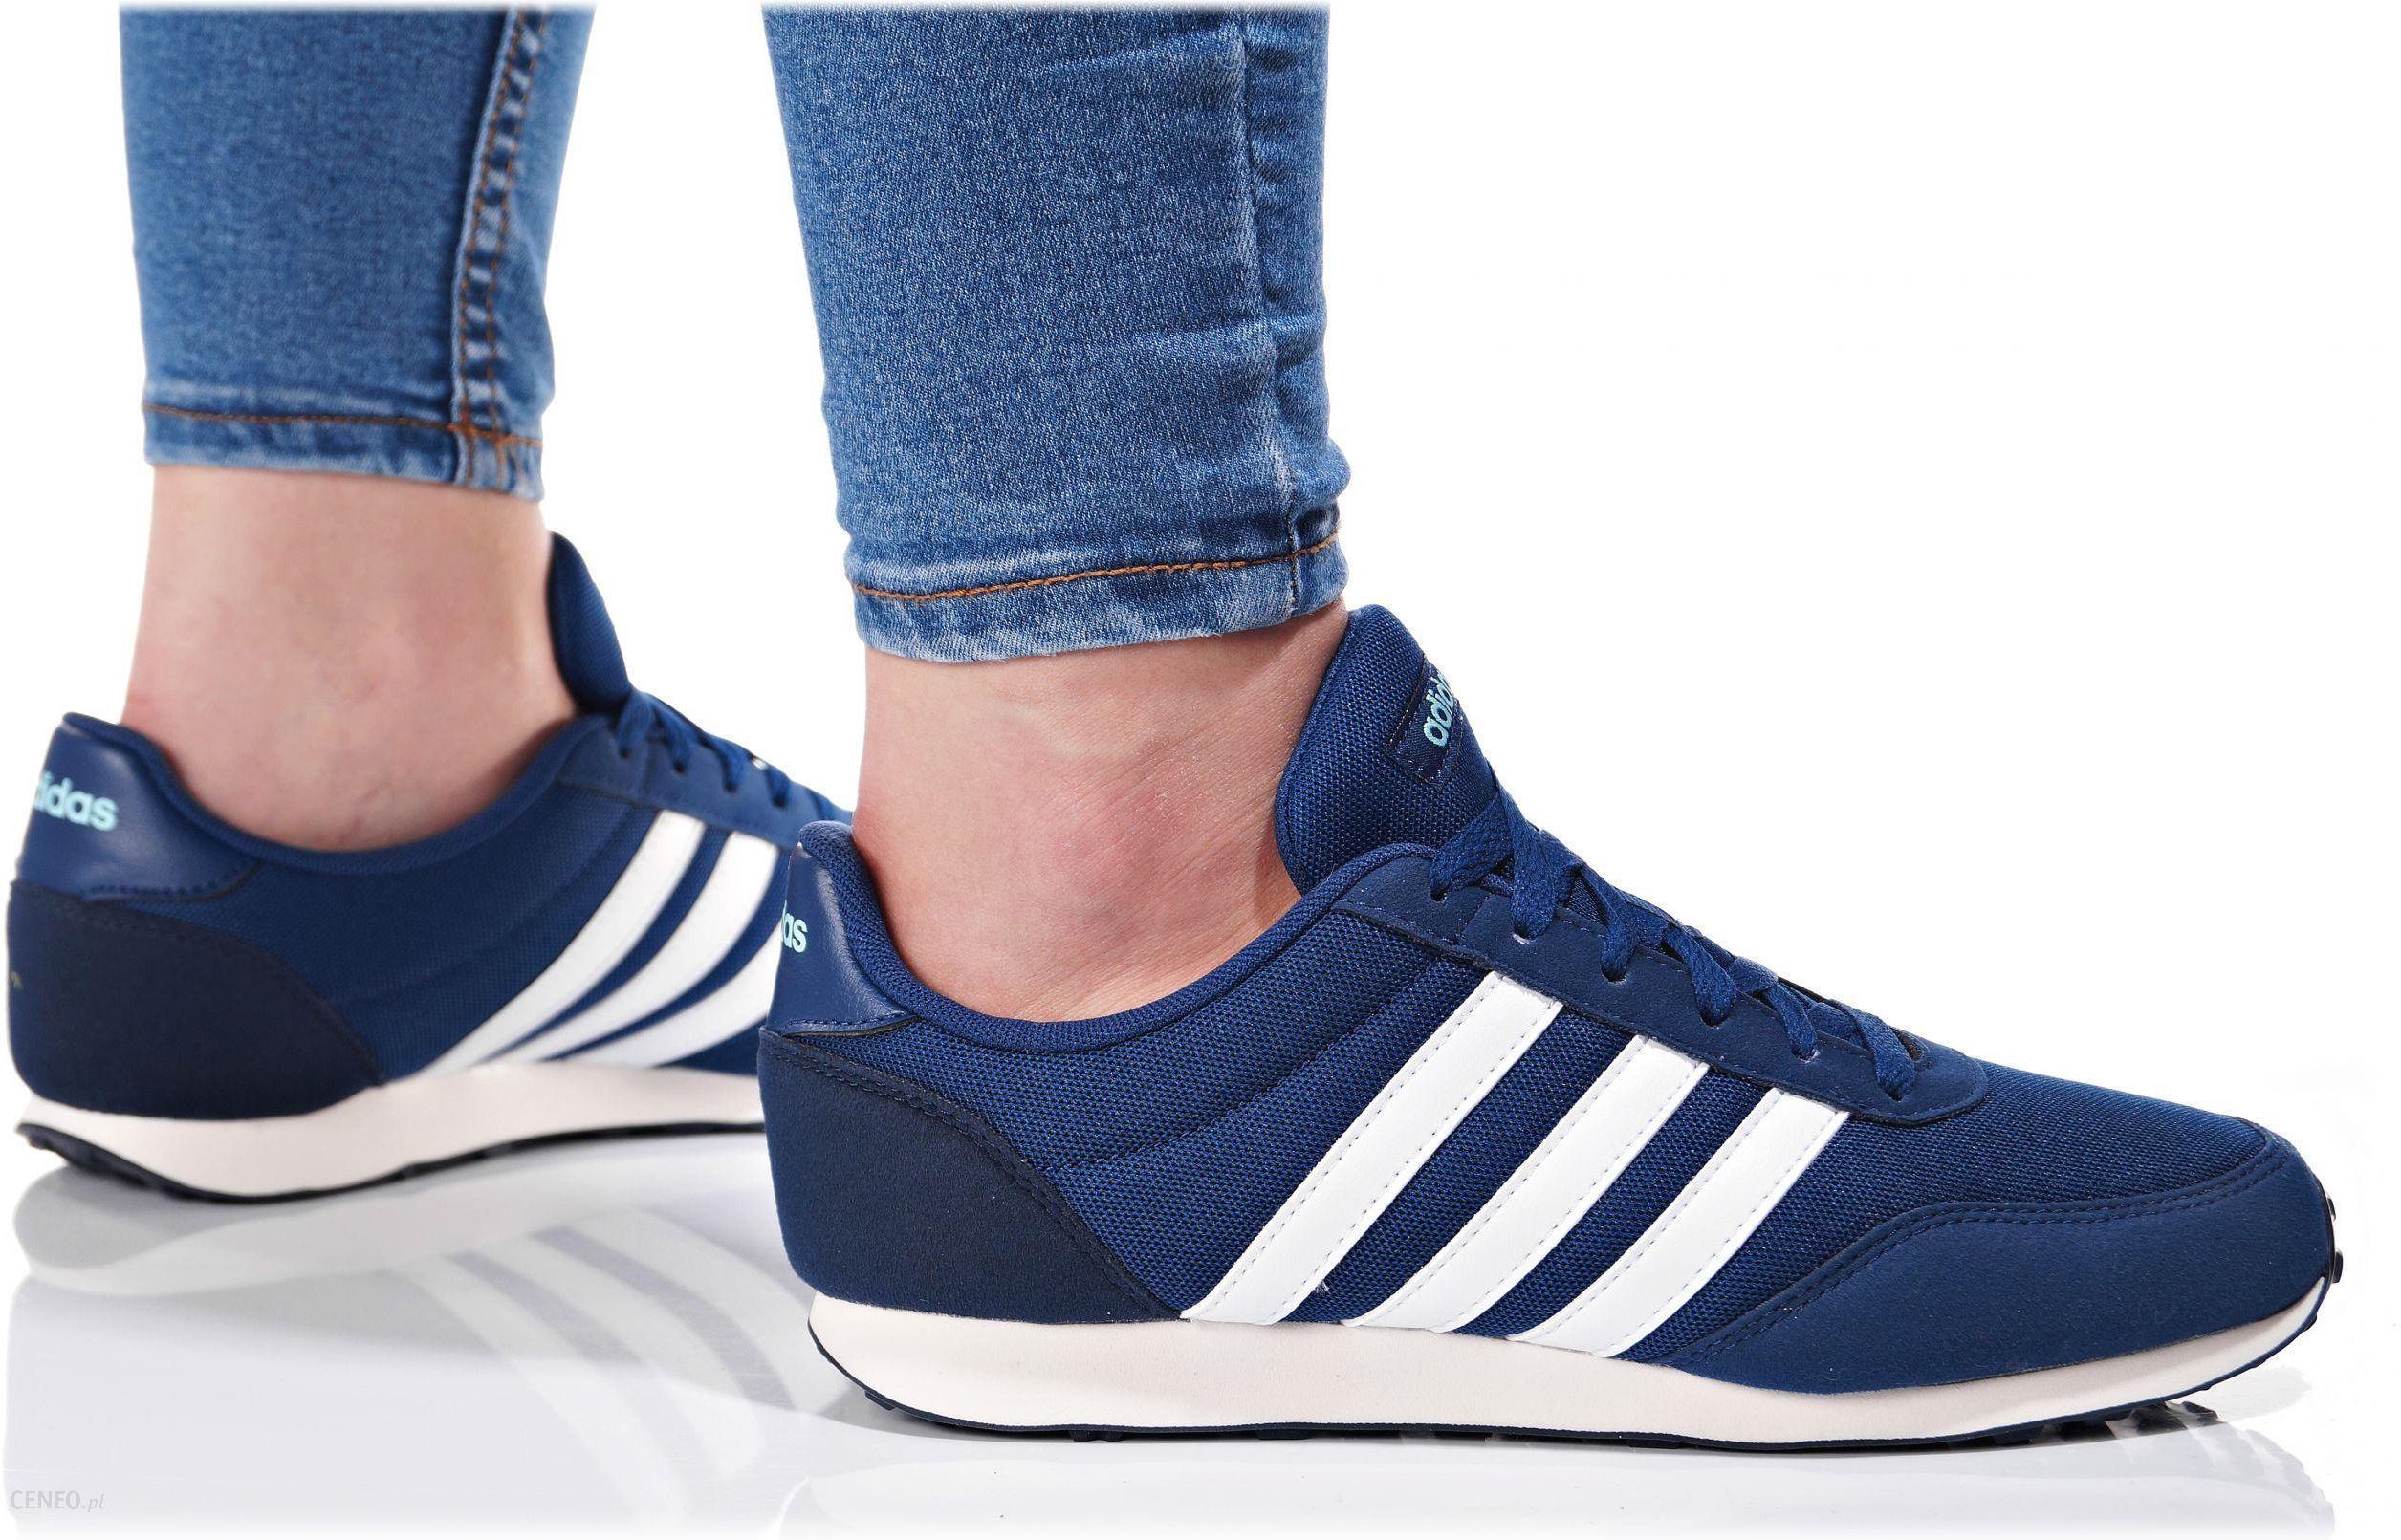 tanie buty adidas damskie